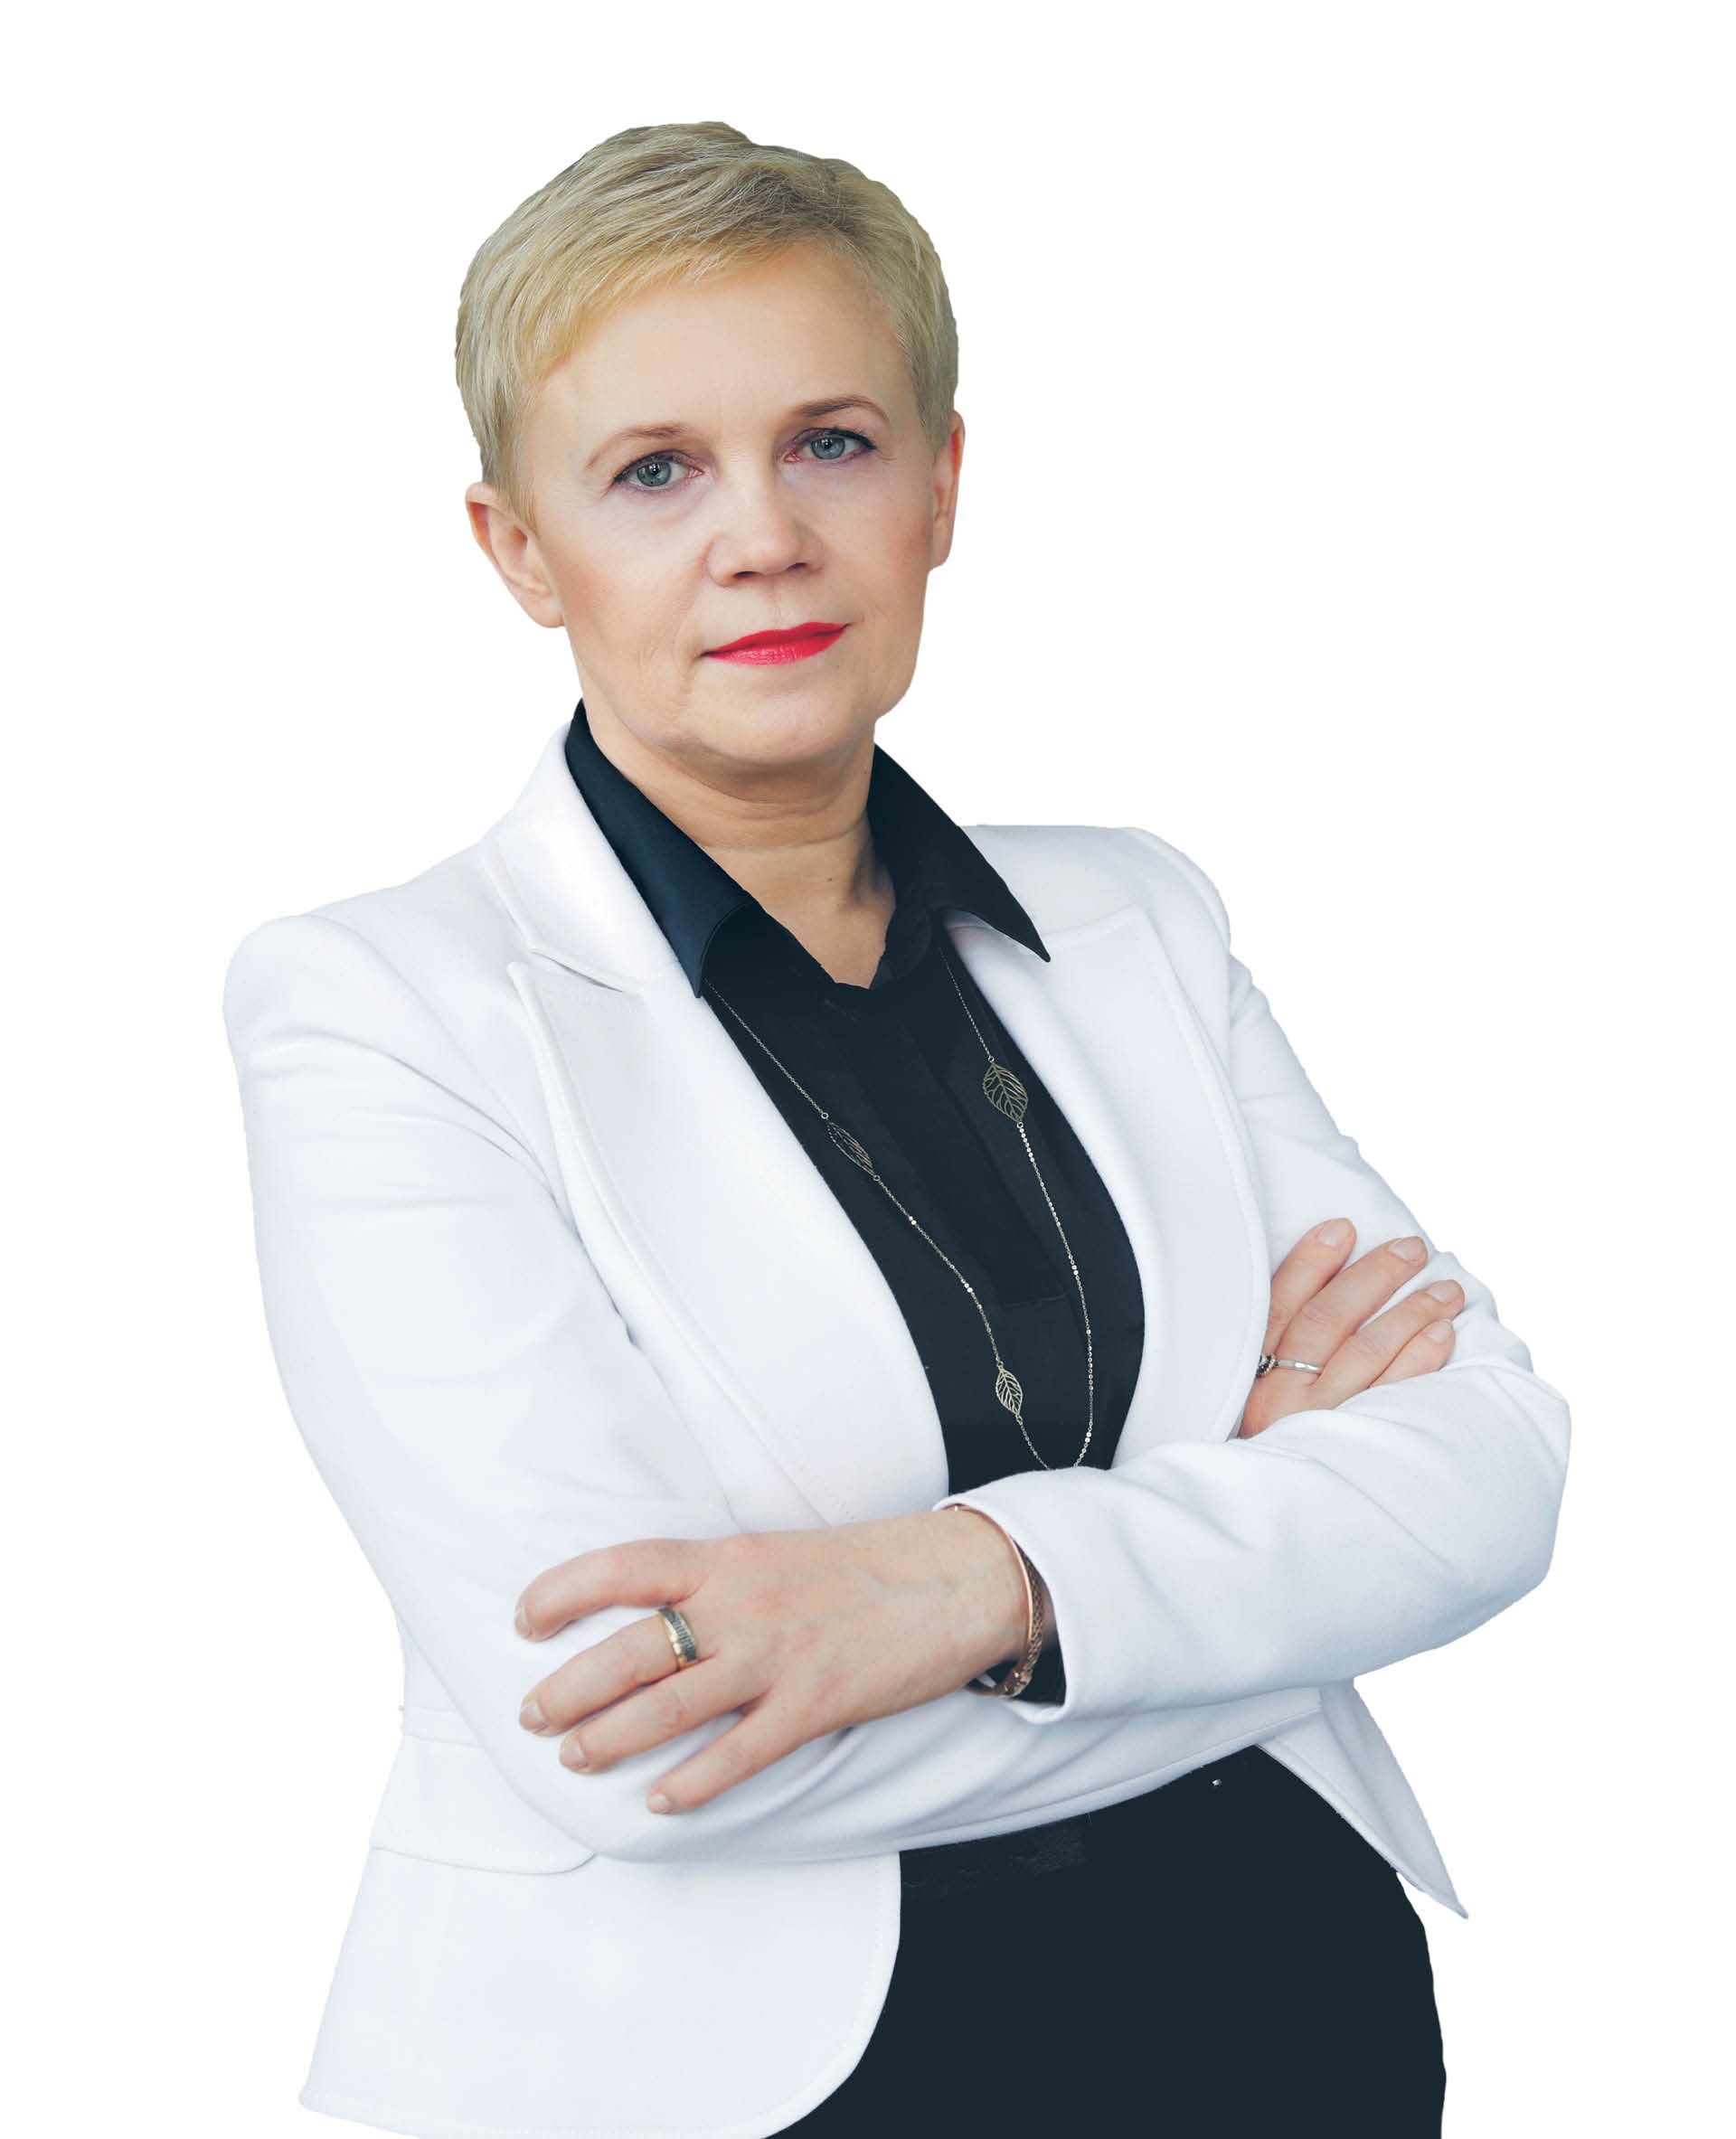 Beata Daszyńska -Muzyczka, prezes Banku Gospodarstwa Krajowego